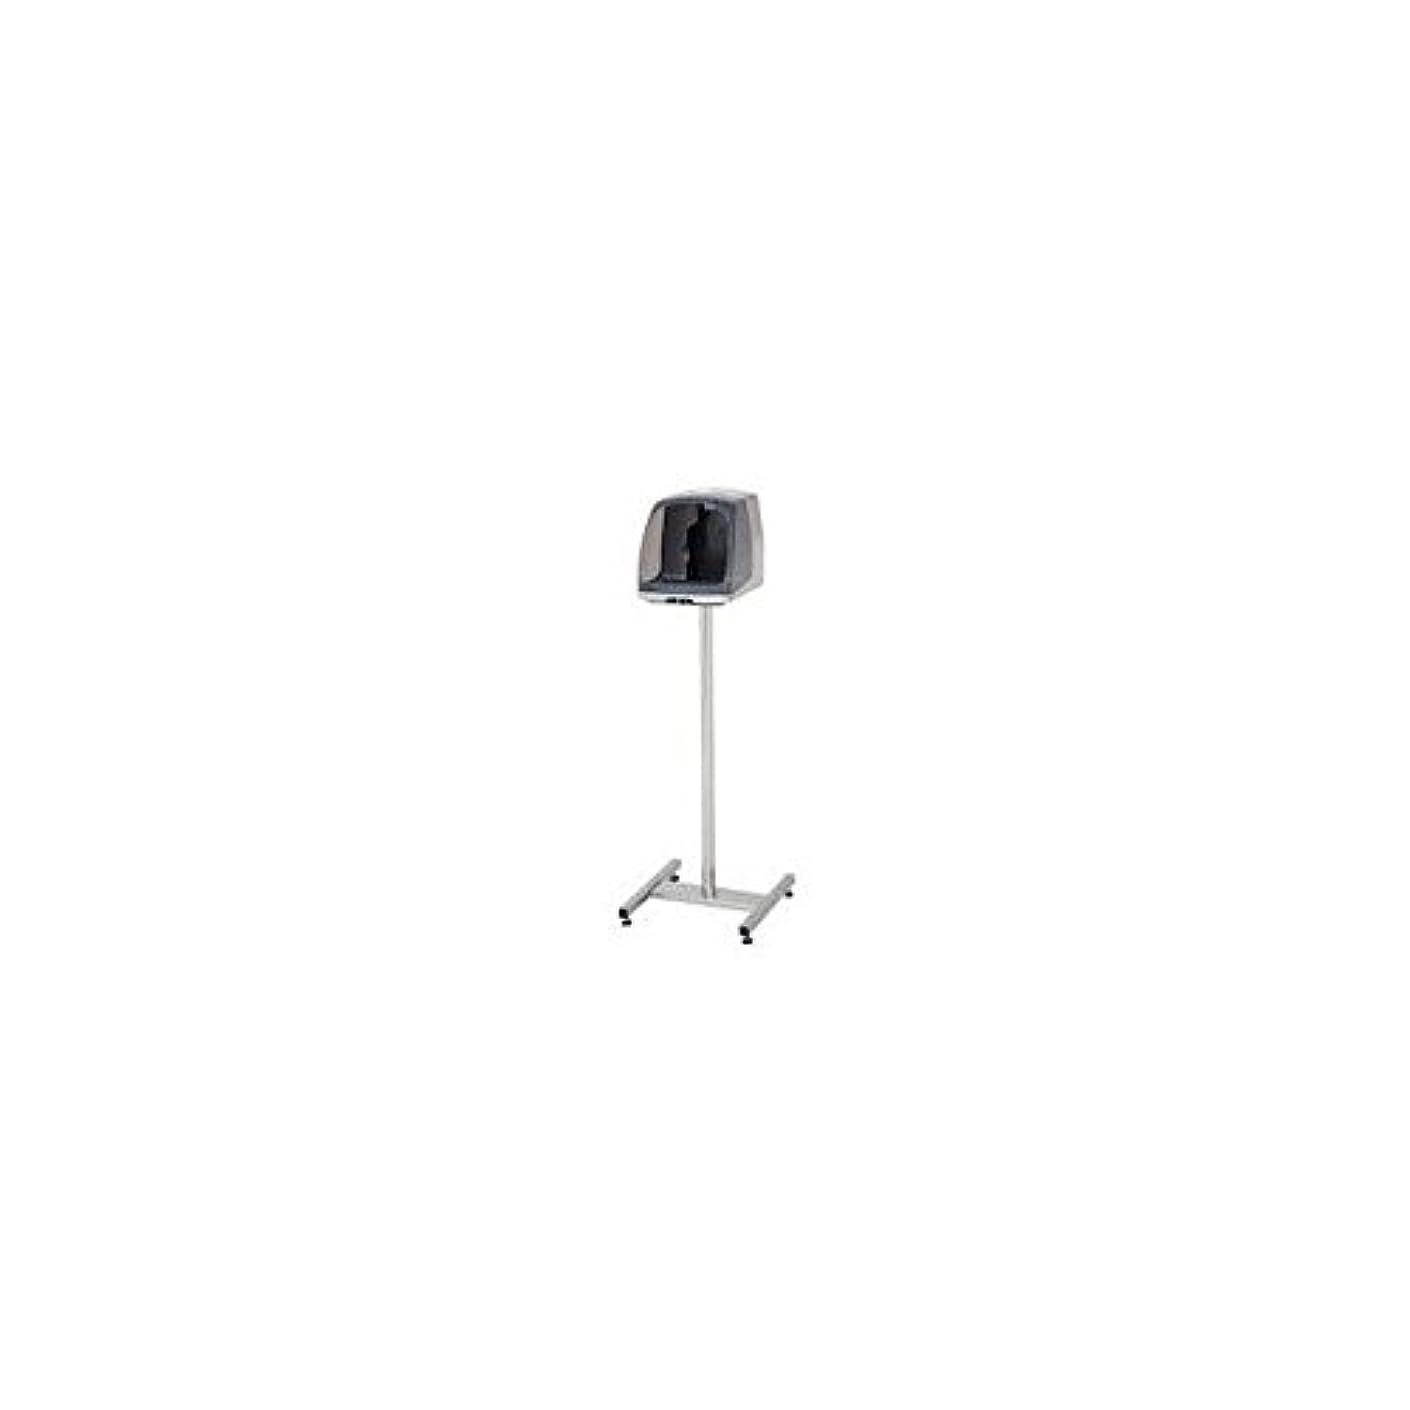 きつく切手硬さ自動手指消毒器 HDI-9000用 架台スタンド キャスターなし 【品番】XSY8501